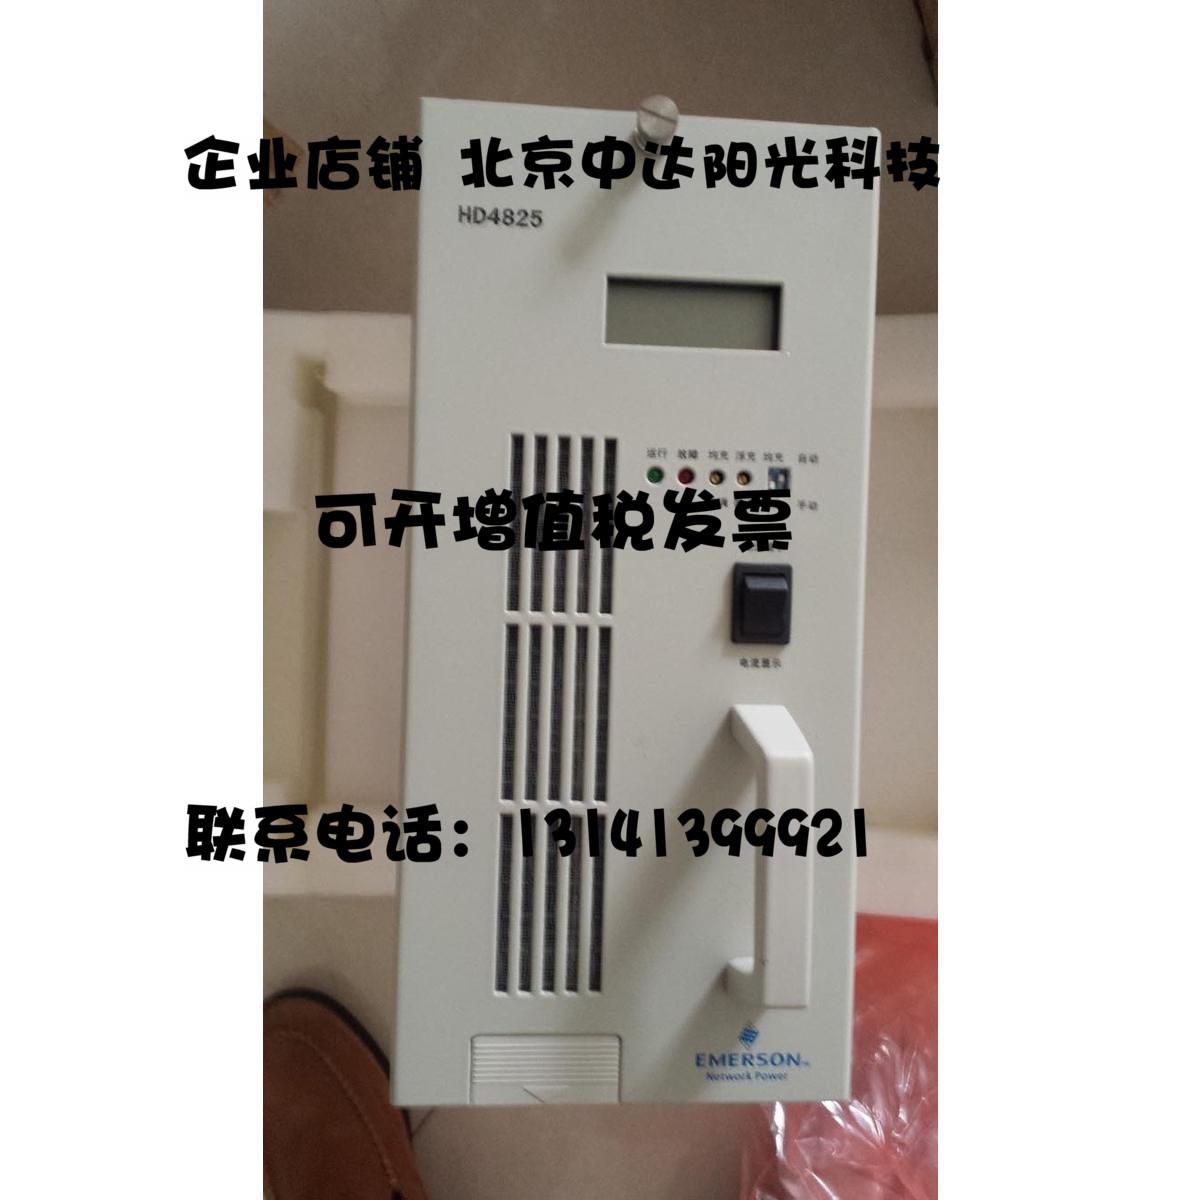 emerson HD4825 két eredeti energiaegység valódi 顺丰 vállal új csomagot